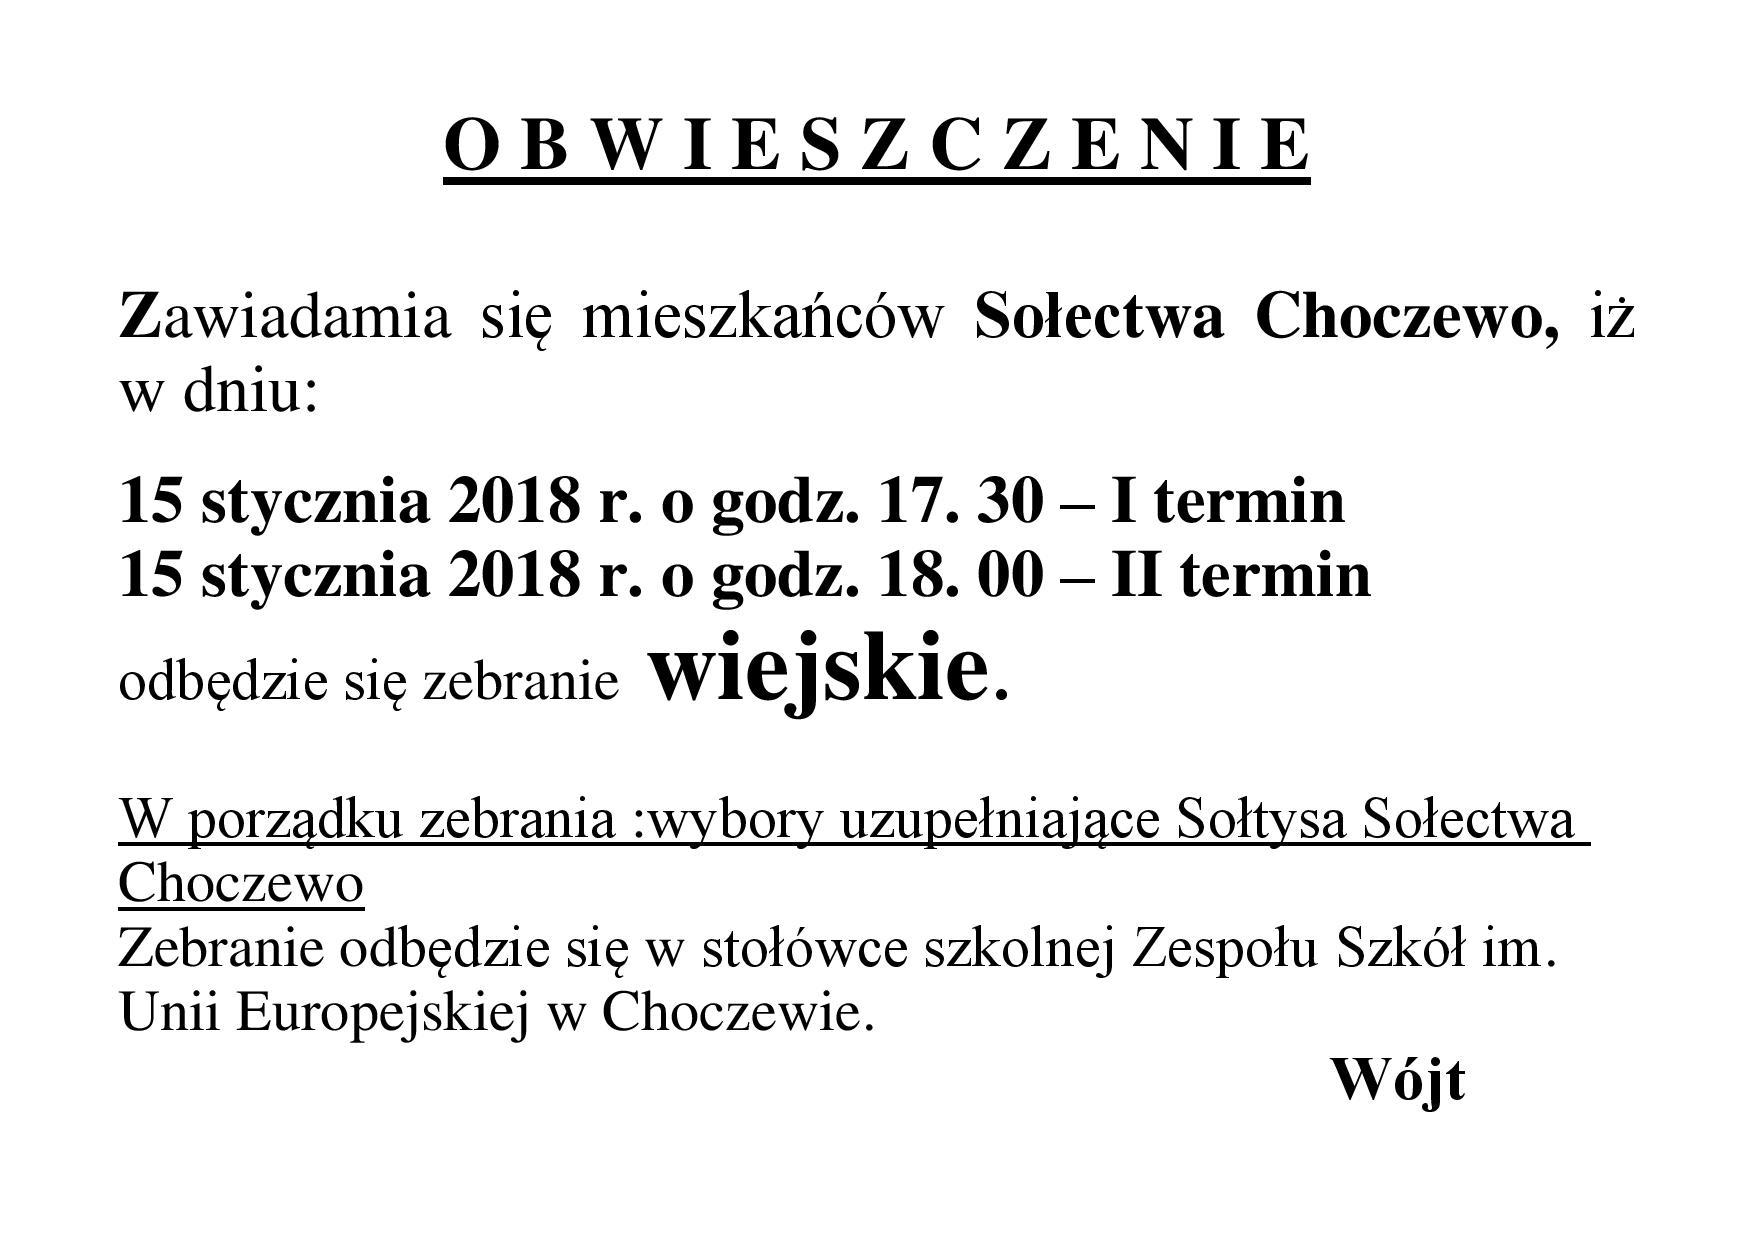 obwieszczenie zeb.wiejskie Choczewo